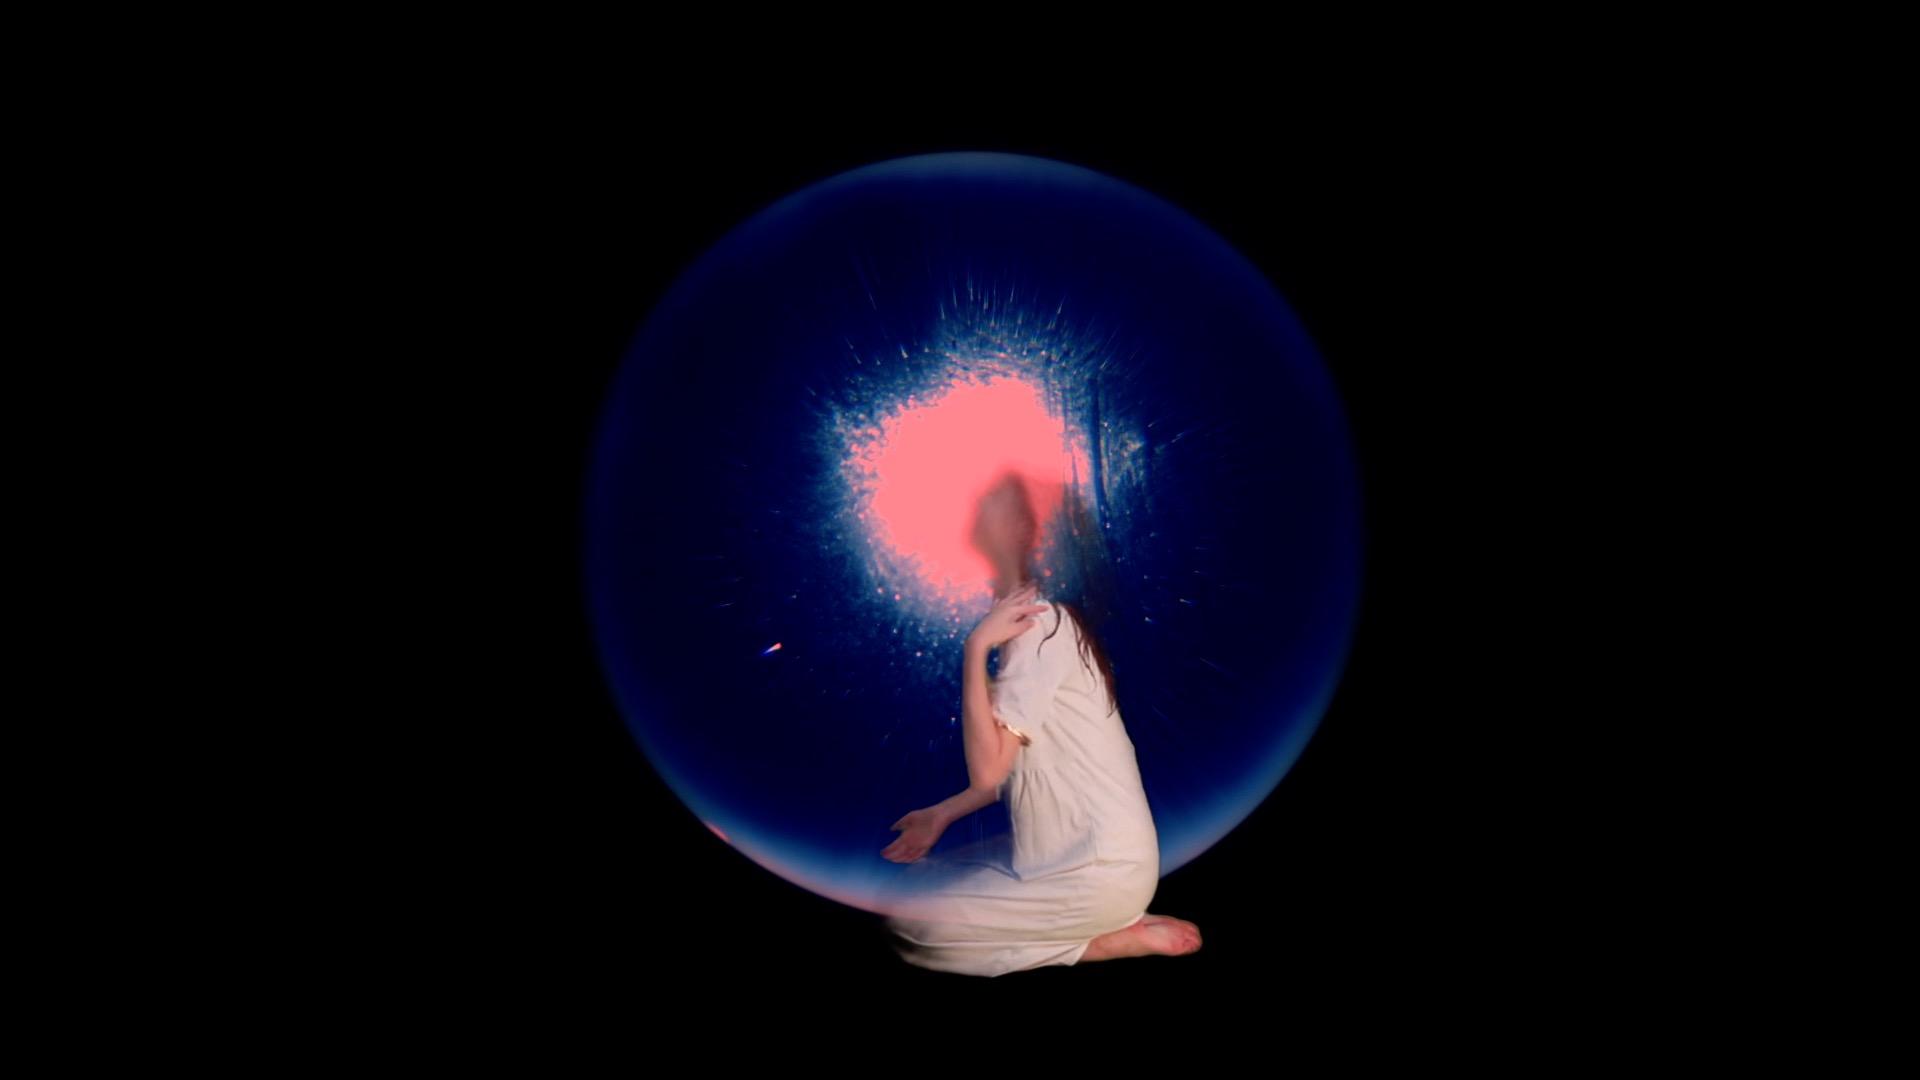 Fotograma del audiovisual experimental Anxiety 0.60